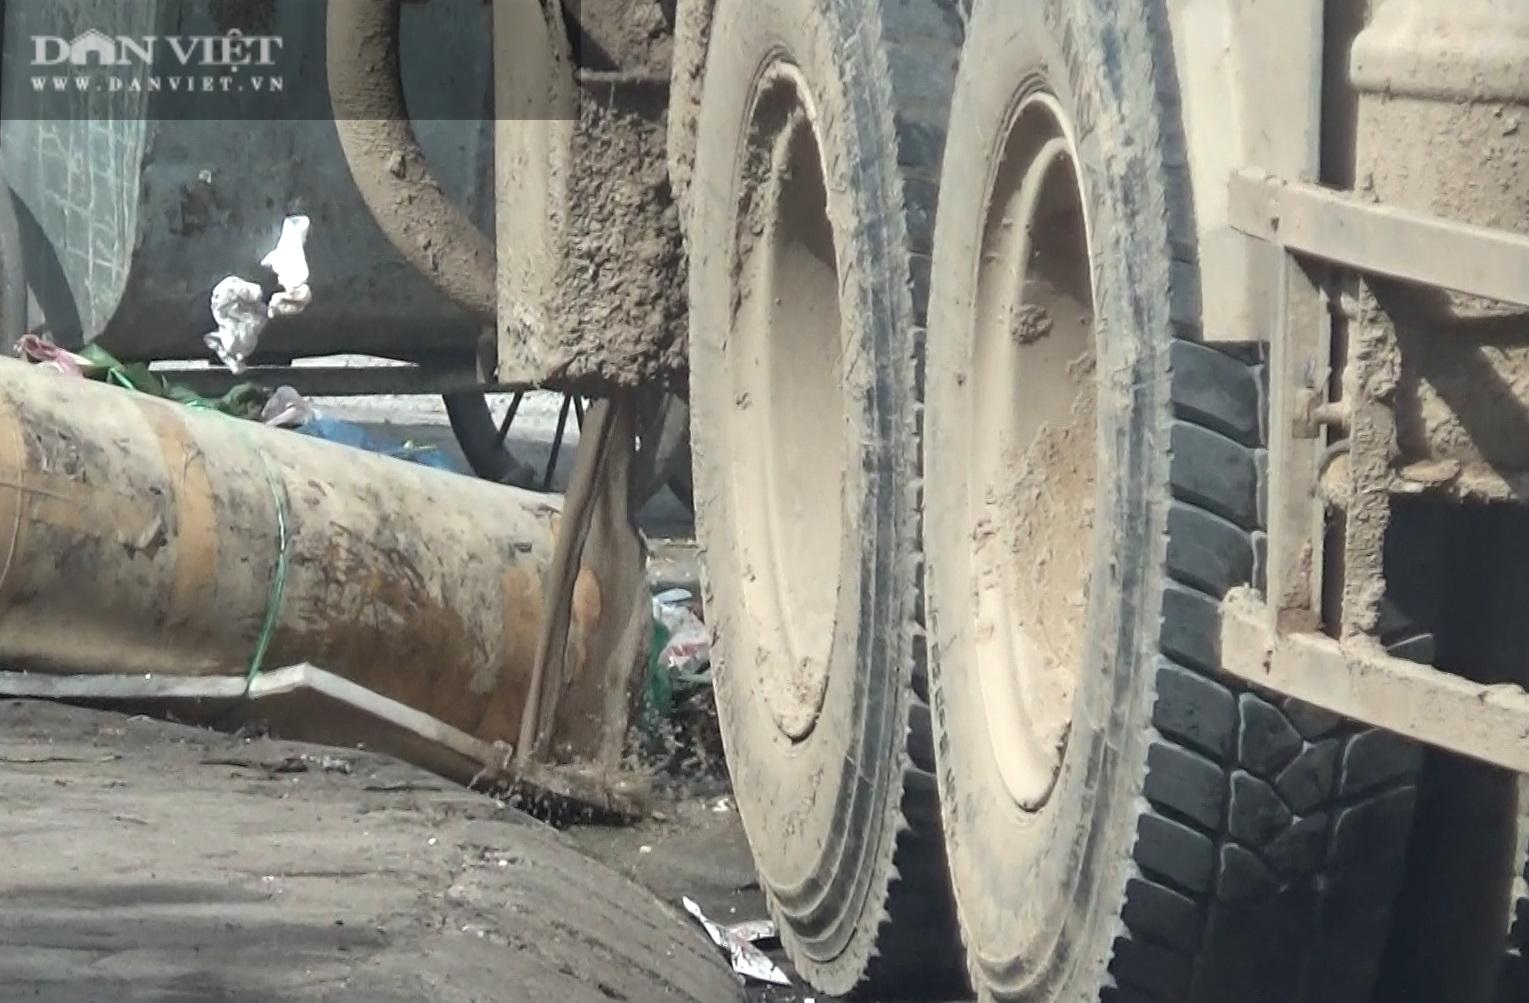 Bài 2: Tràn lan hình ảnh gây ô nhiễm của các công ty bảo vệ môi trường giữa thủ đô - Ảnh 5.